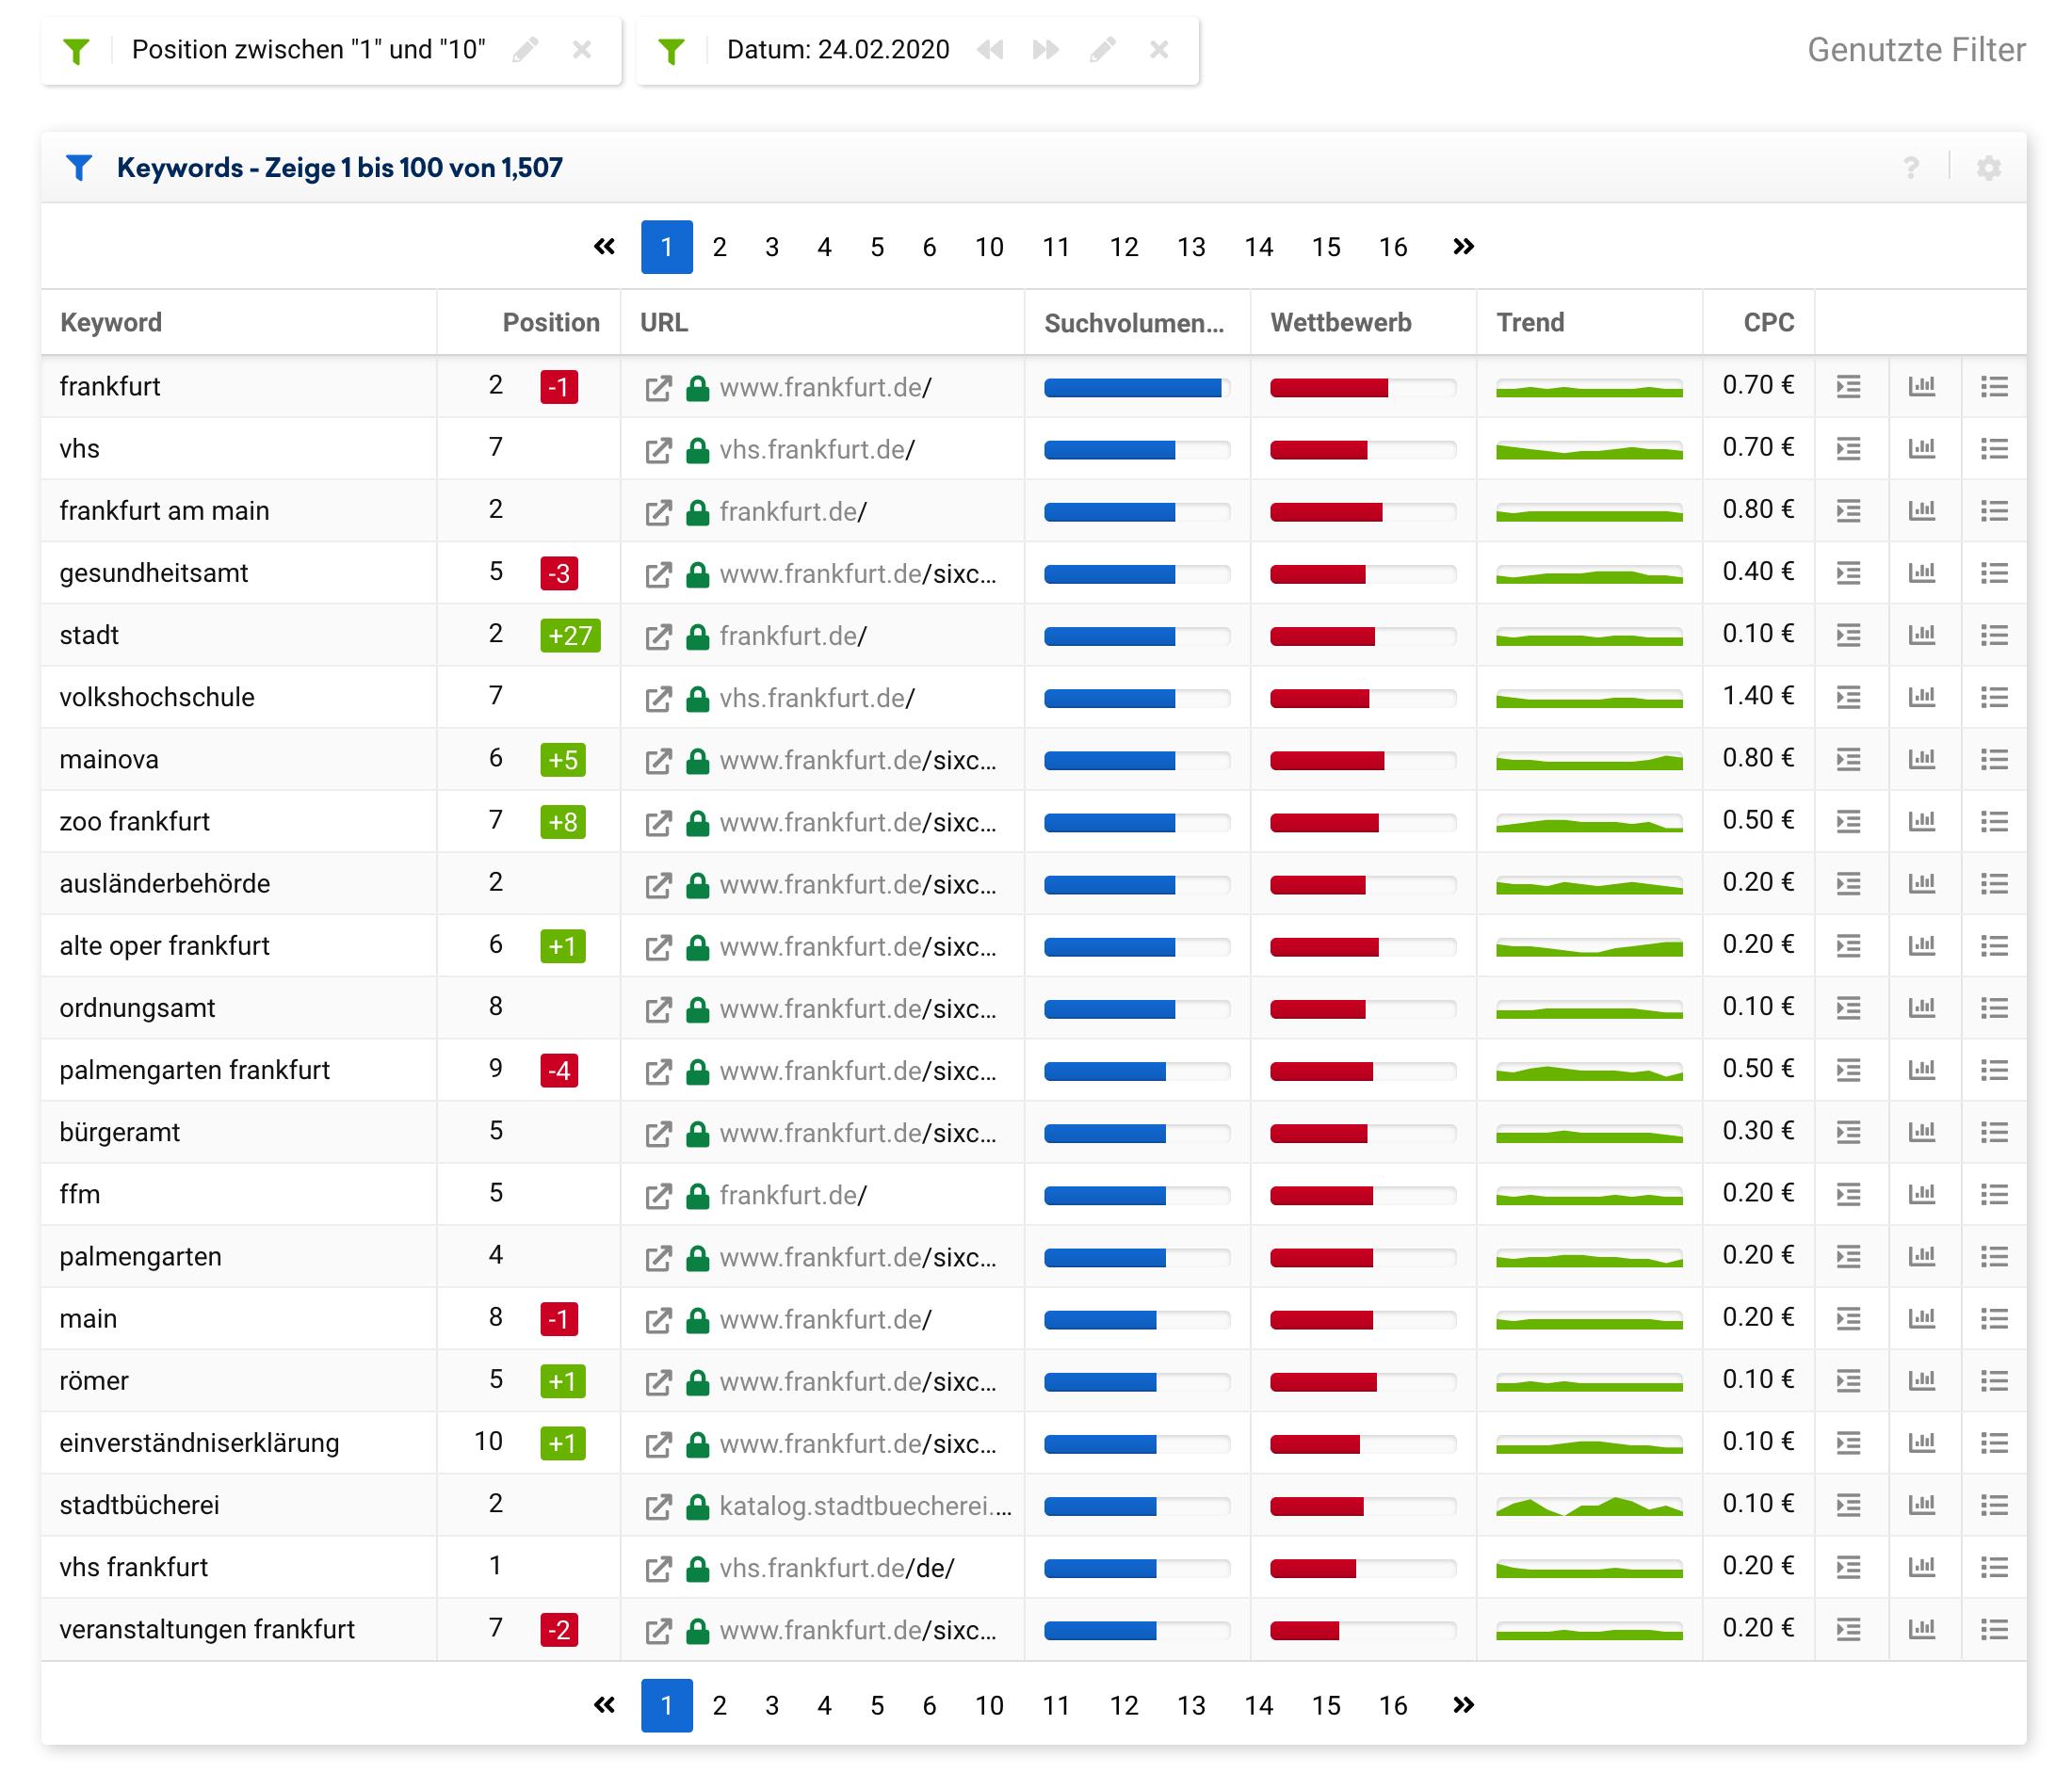 Rankende Desktop Top-10 Keywords für die Domain frankfurt.de für den Datenpunkt 24.02.2020. Es werden insgesamt 1507 Top-10 Rankings angezeigt.